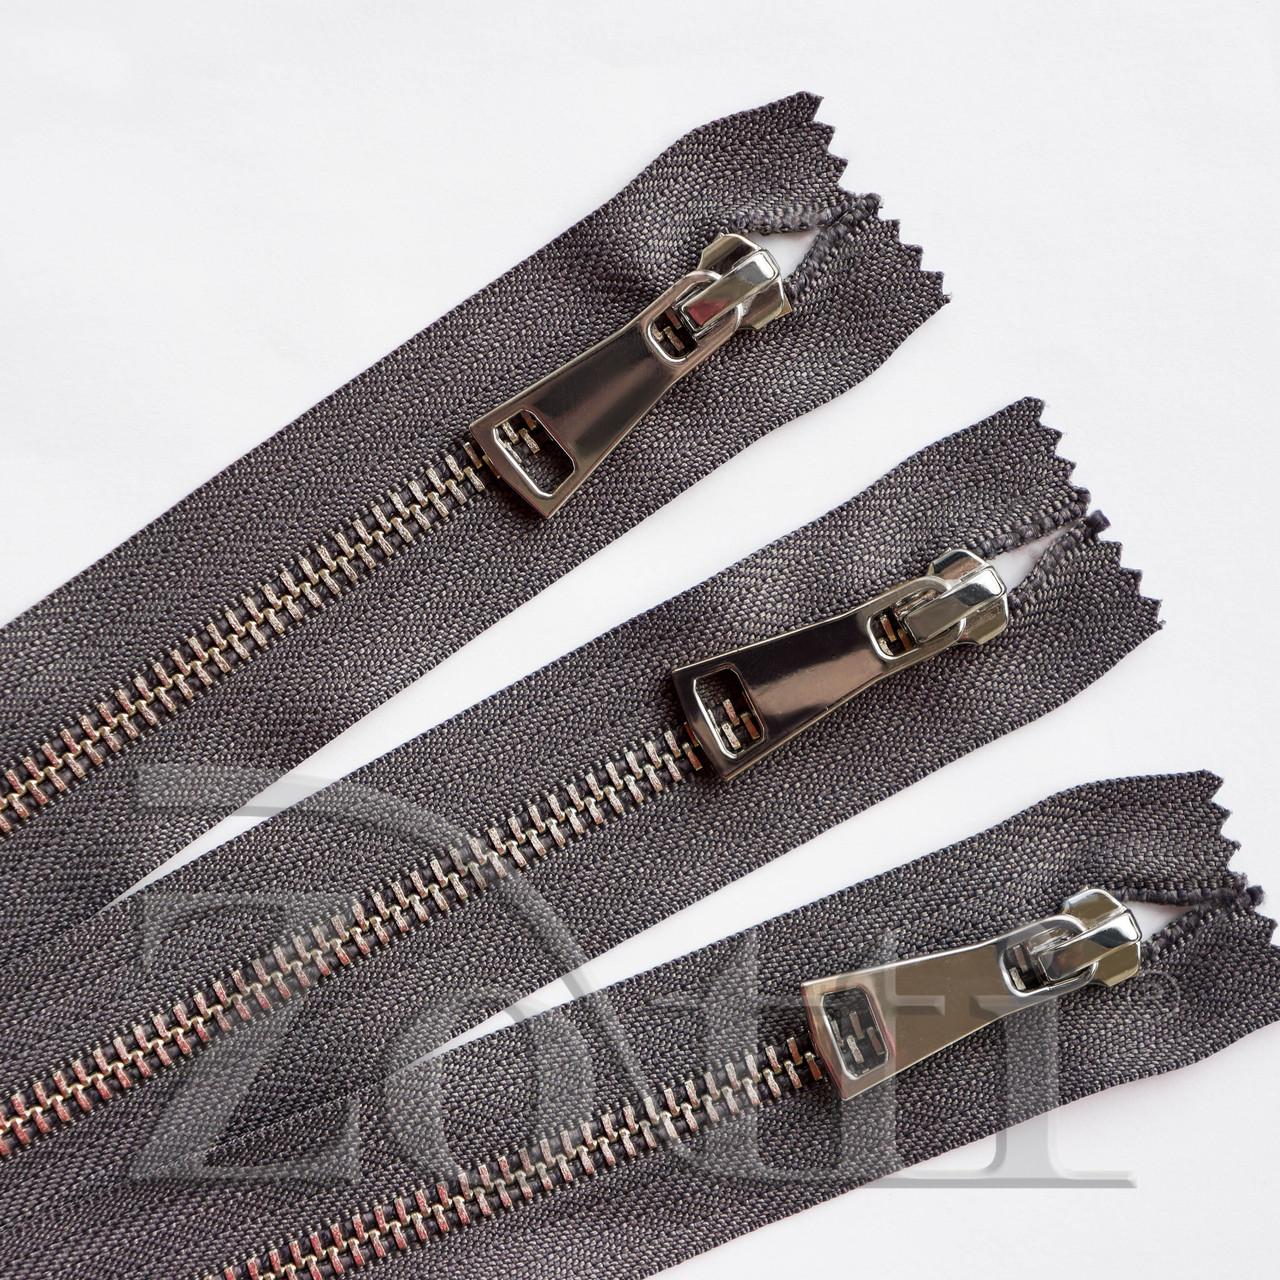 Молния (змейка,застежка) металлическая №5, размерная, обувная, серая, с серебряным бегунком № 115 - 30 см